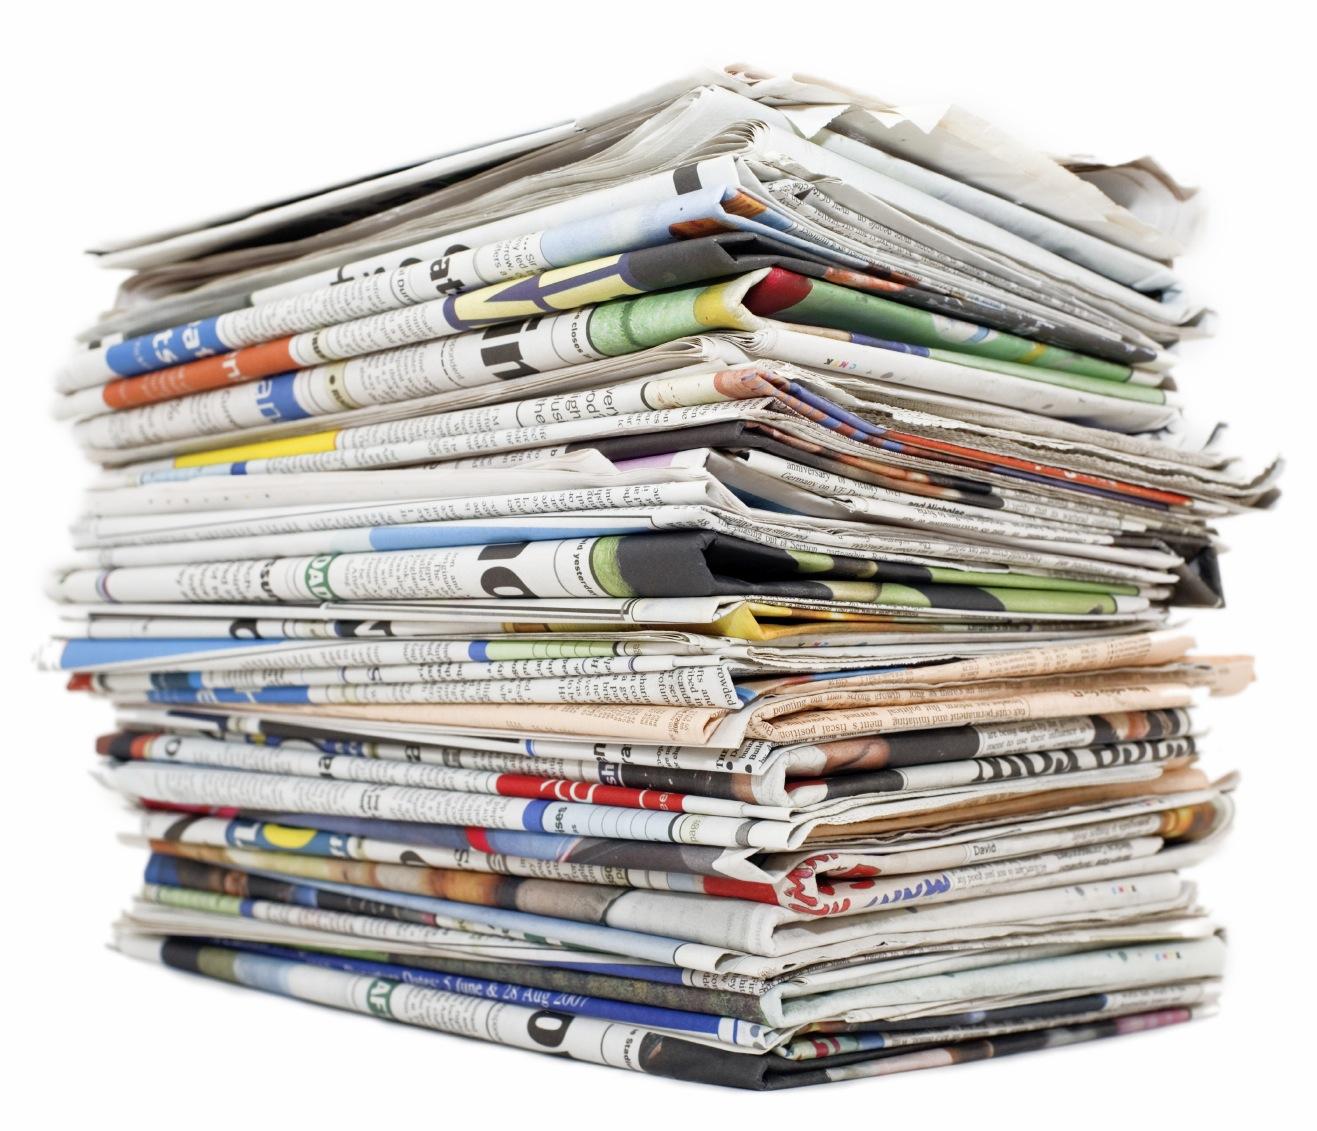 Televizyon, Gazete Ve İnternet Ortamında Kişilere Ait Özel Bilgilerin İzinsiz Yer Almasının Sakıncaları Neler Olabilir